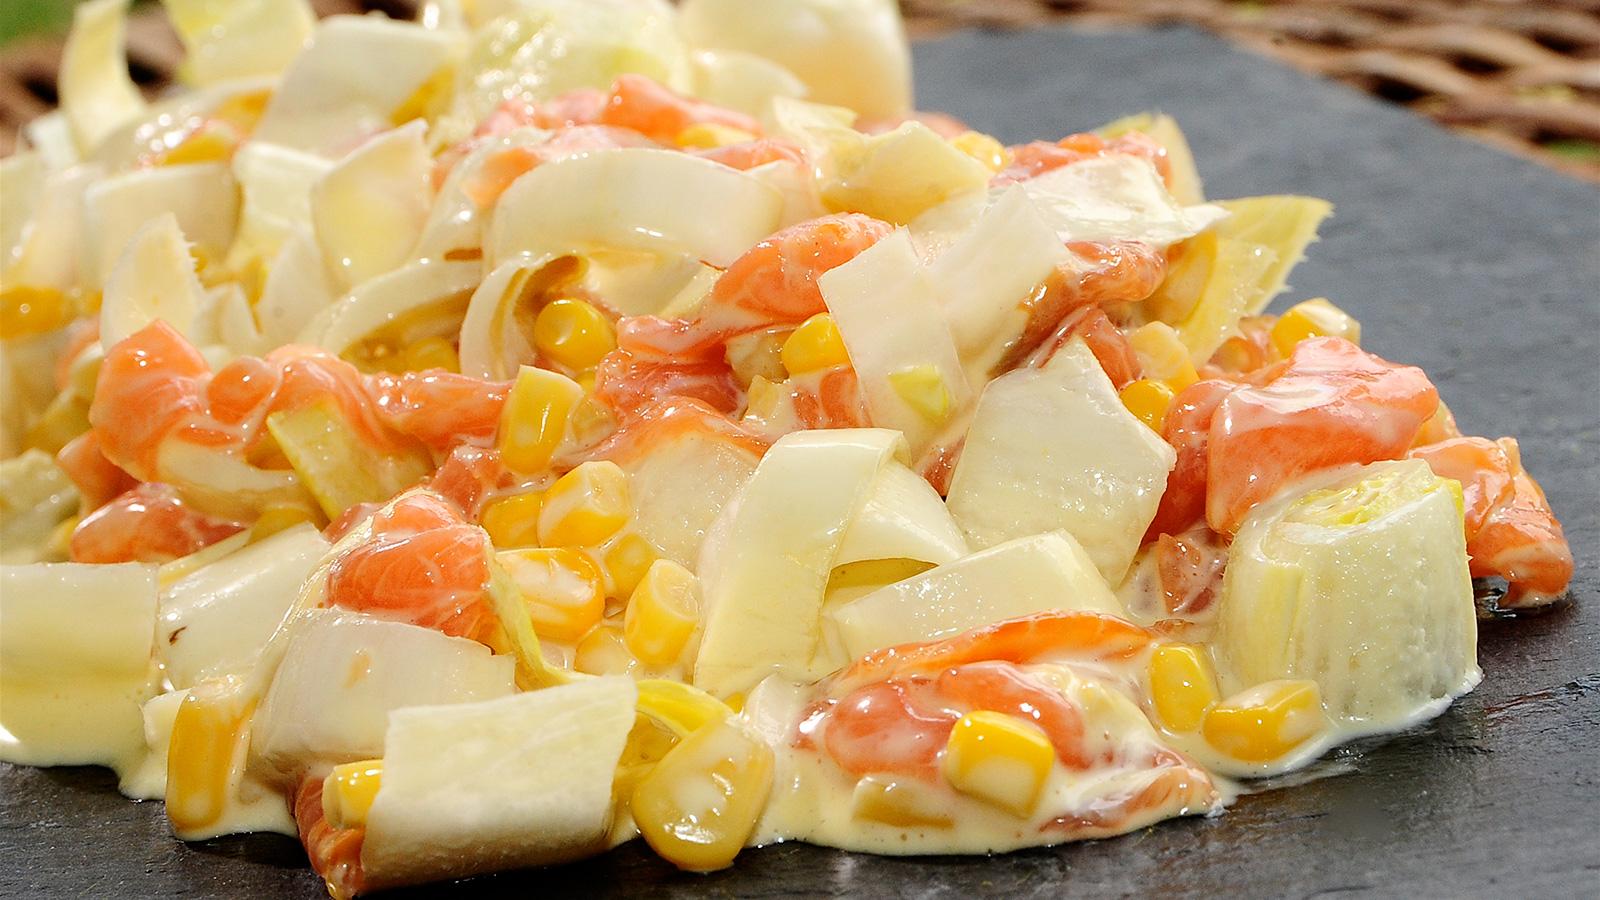 Ensalada De Endibias Salmón Y Maíz Cocina De Verano Ep 18